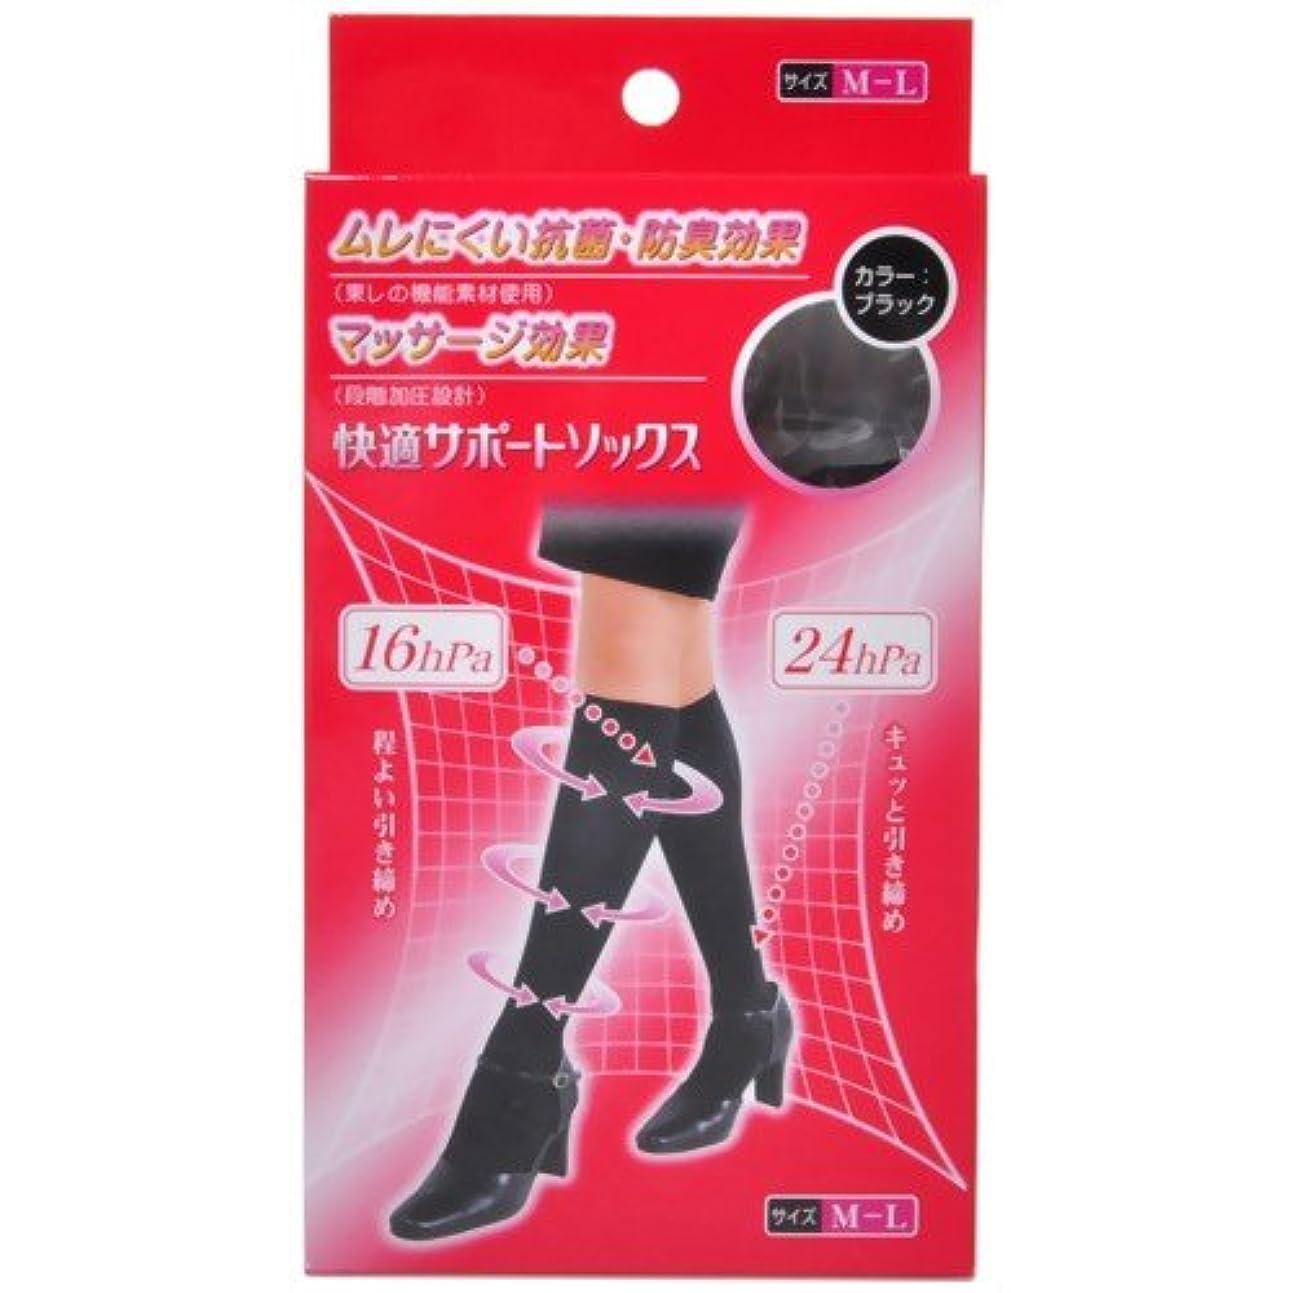 四重要な役割を果たす、中心的な手段となるボイラーピバンナー 快適サポートソックス(男女兼用) ブラック M-L